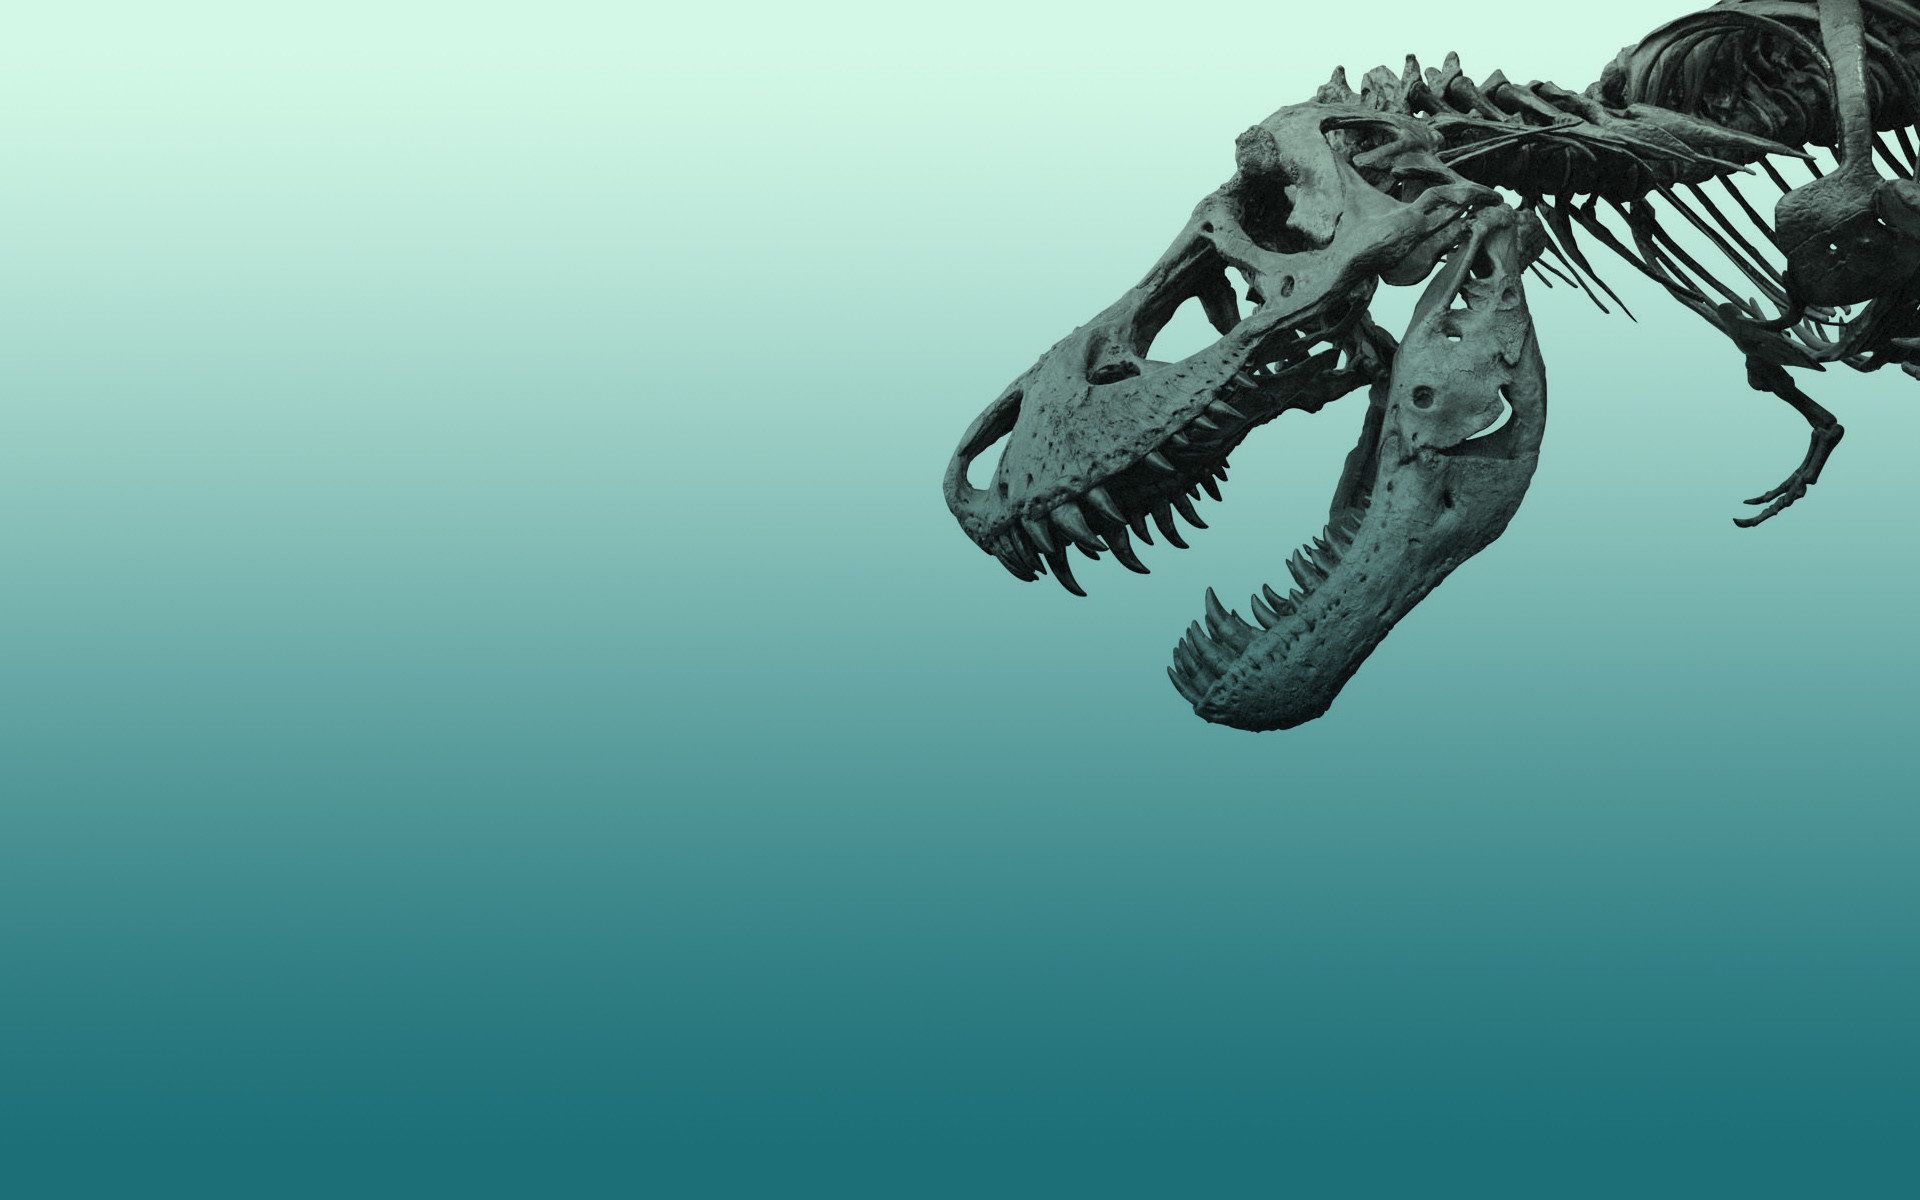 Dinosaur skeleton wallpaper ~ https://www.dinopit.com